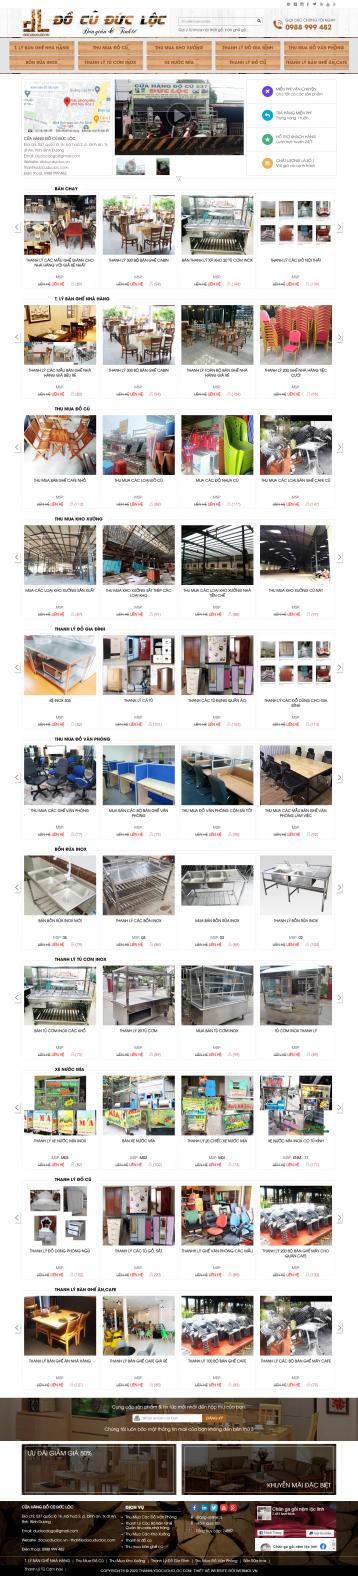 Thiết kế website Mua bán Đồ Cũ WM 01